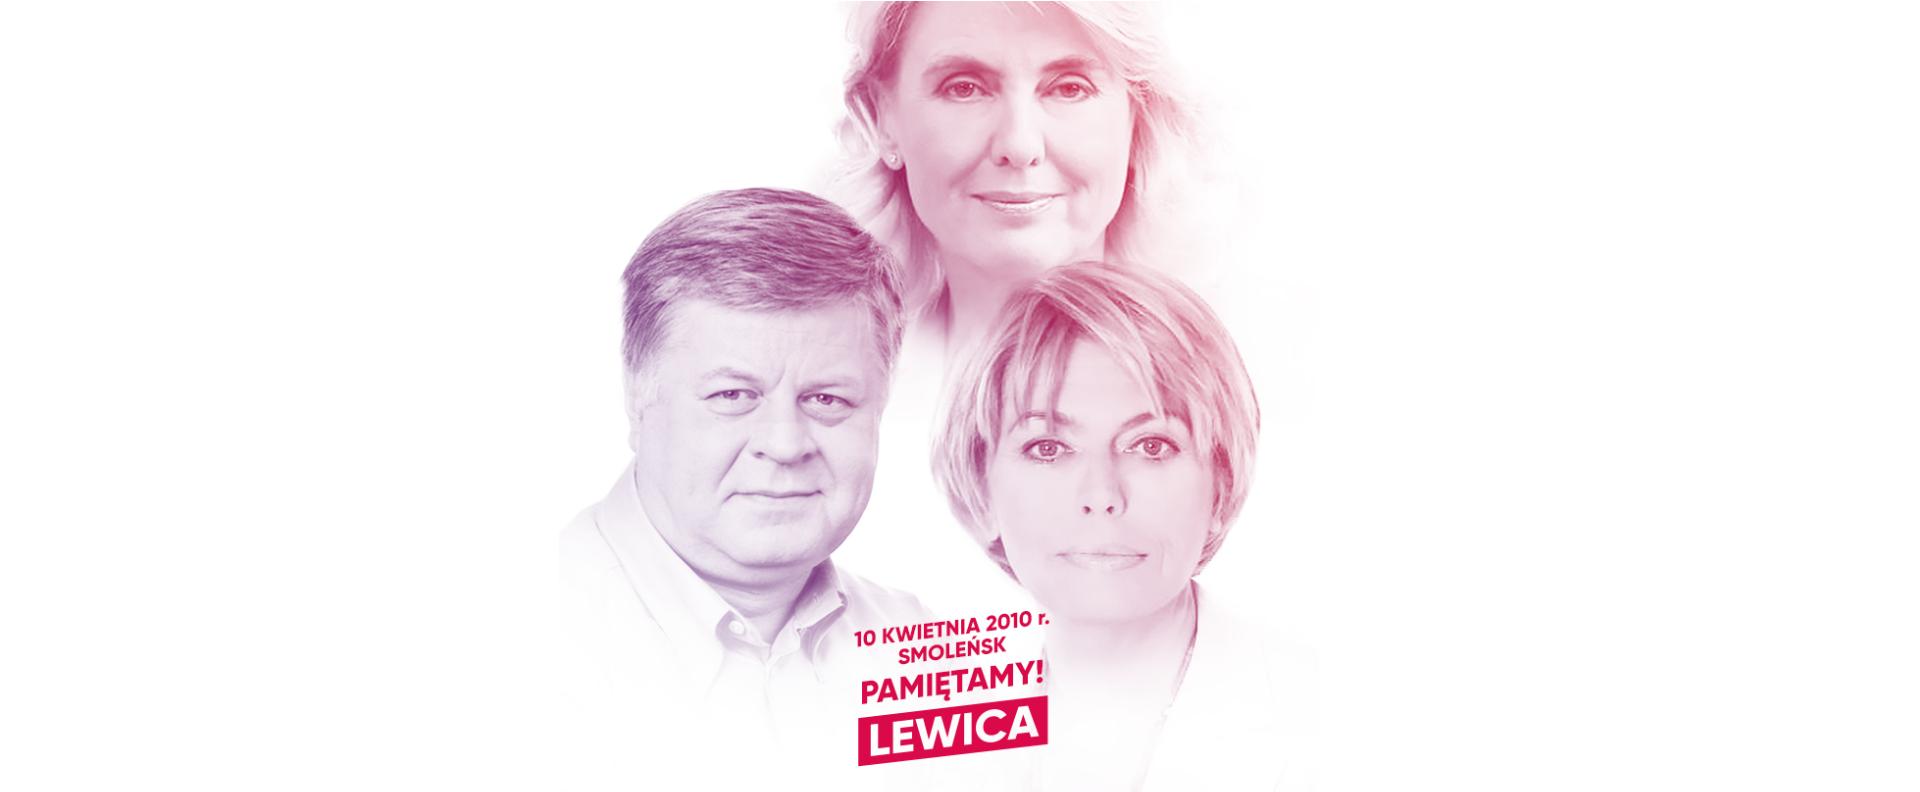 """Lewica wspomina ofiary katastrofy smoleńskiej: """"Pamiętamy"""""""